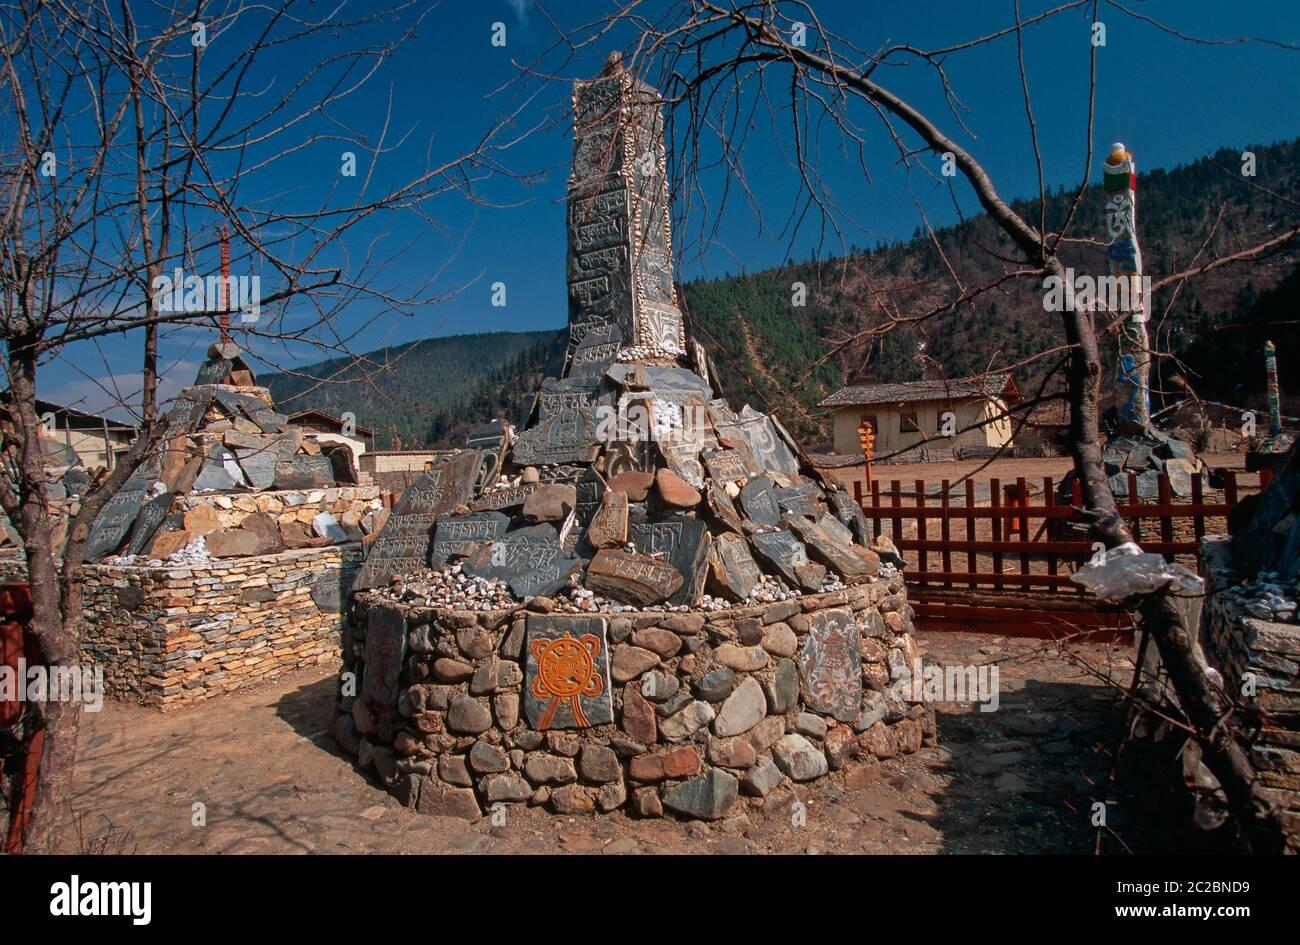 ZHONGDIAN (XIANGELILA) SHANGRI-LA, YUNNAN, MESETA TIBETANA, ALTOPIANO TIBETANO, CHINA Foto de stock